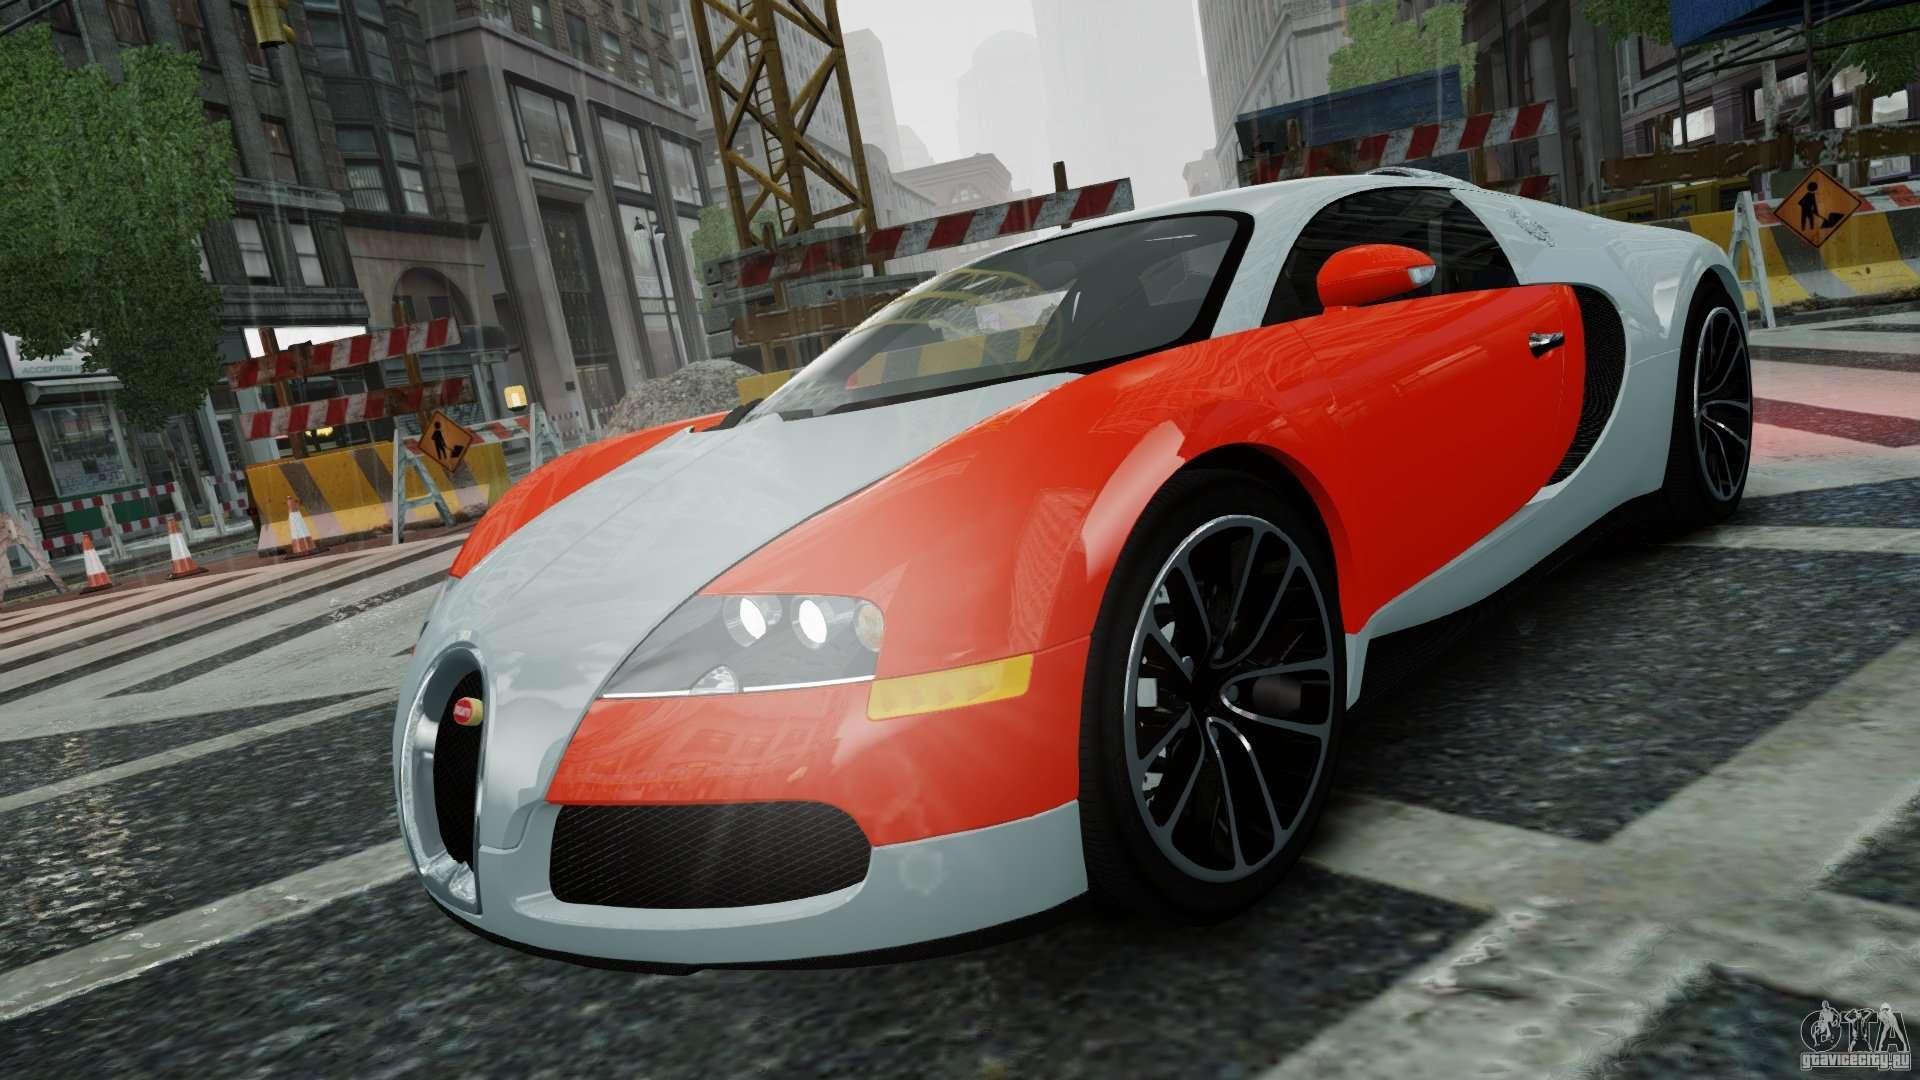 23011-1359561979-enb2013-1-30-15-41-40 Wonderful Bugatti Veyron Xbox 360 Games Cars Trend